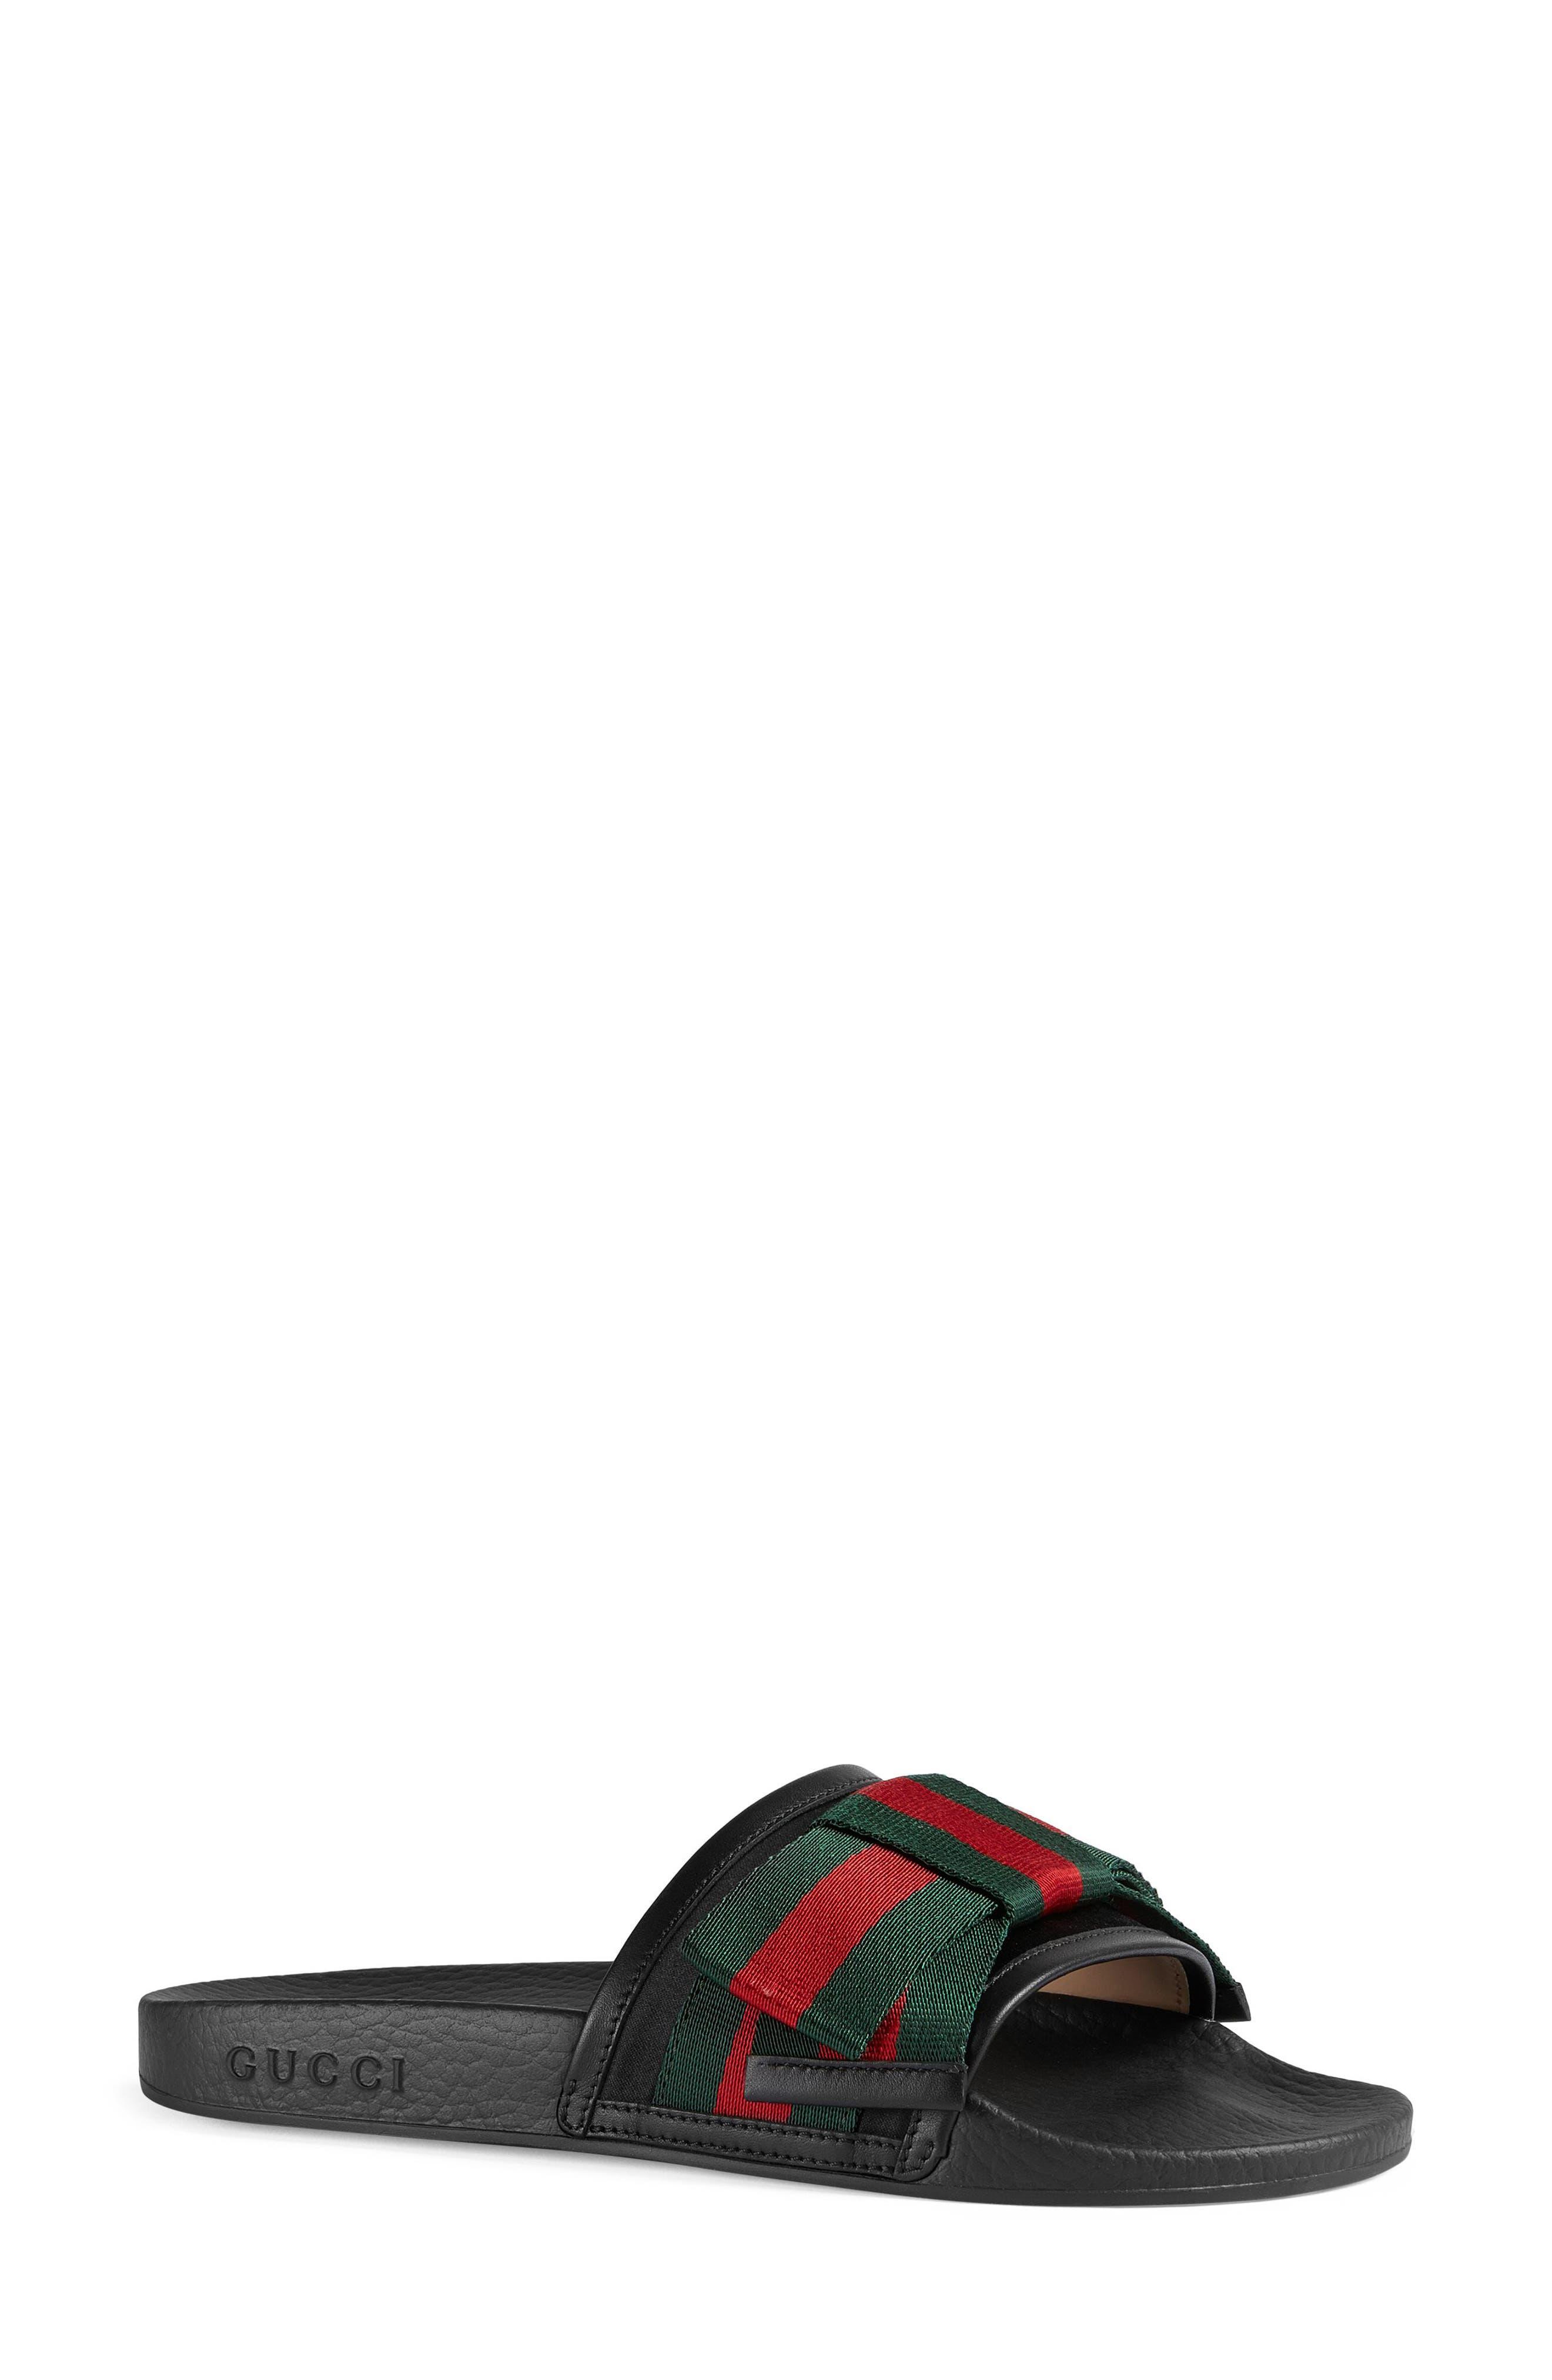 f5fa7b793b42f Women s Gucci Sandals